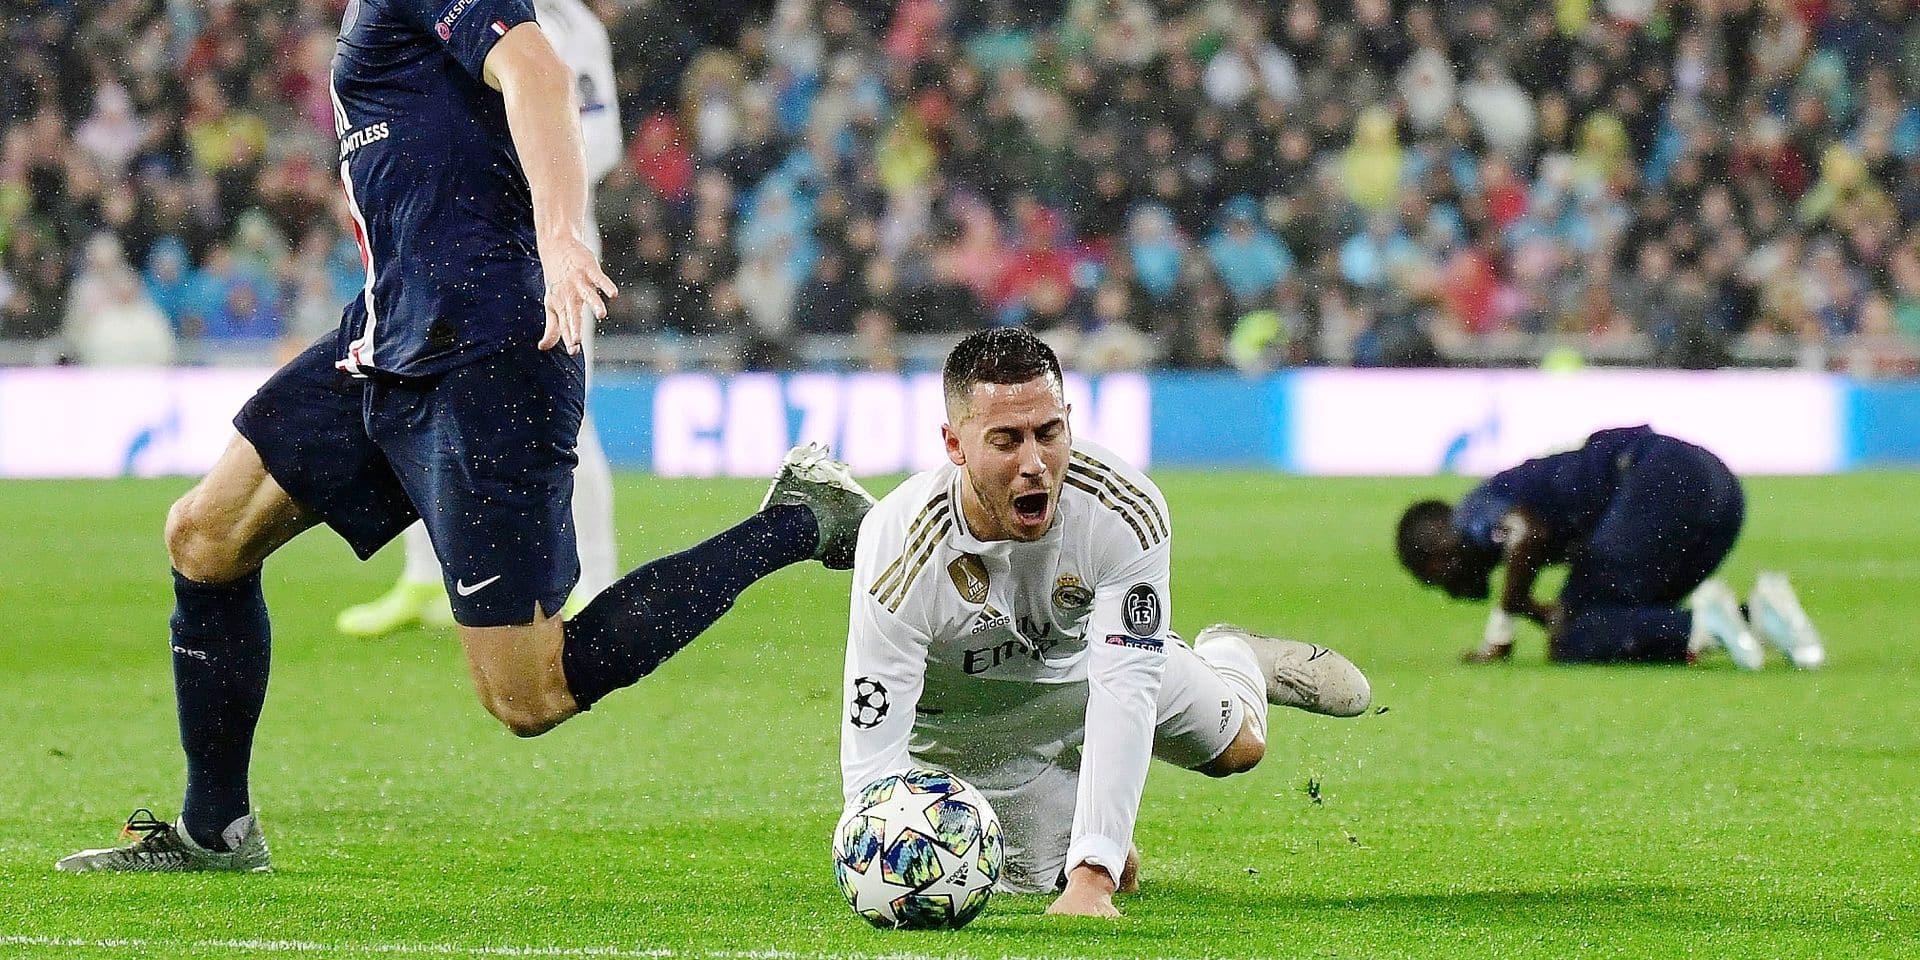 Fin d'année pour Hazard ? Casse-tête pour Zidane